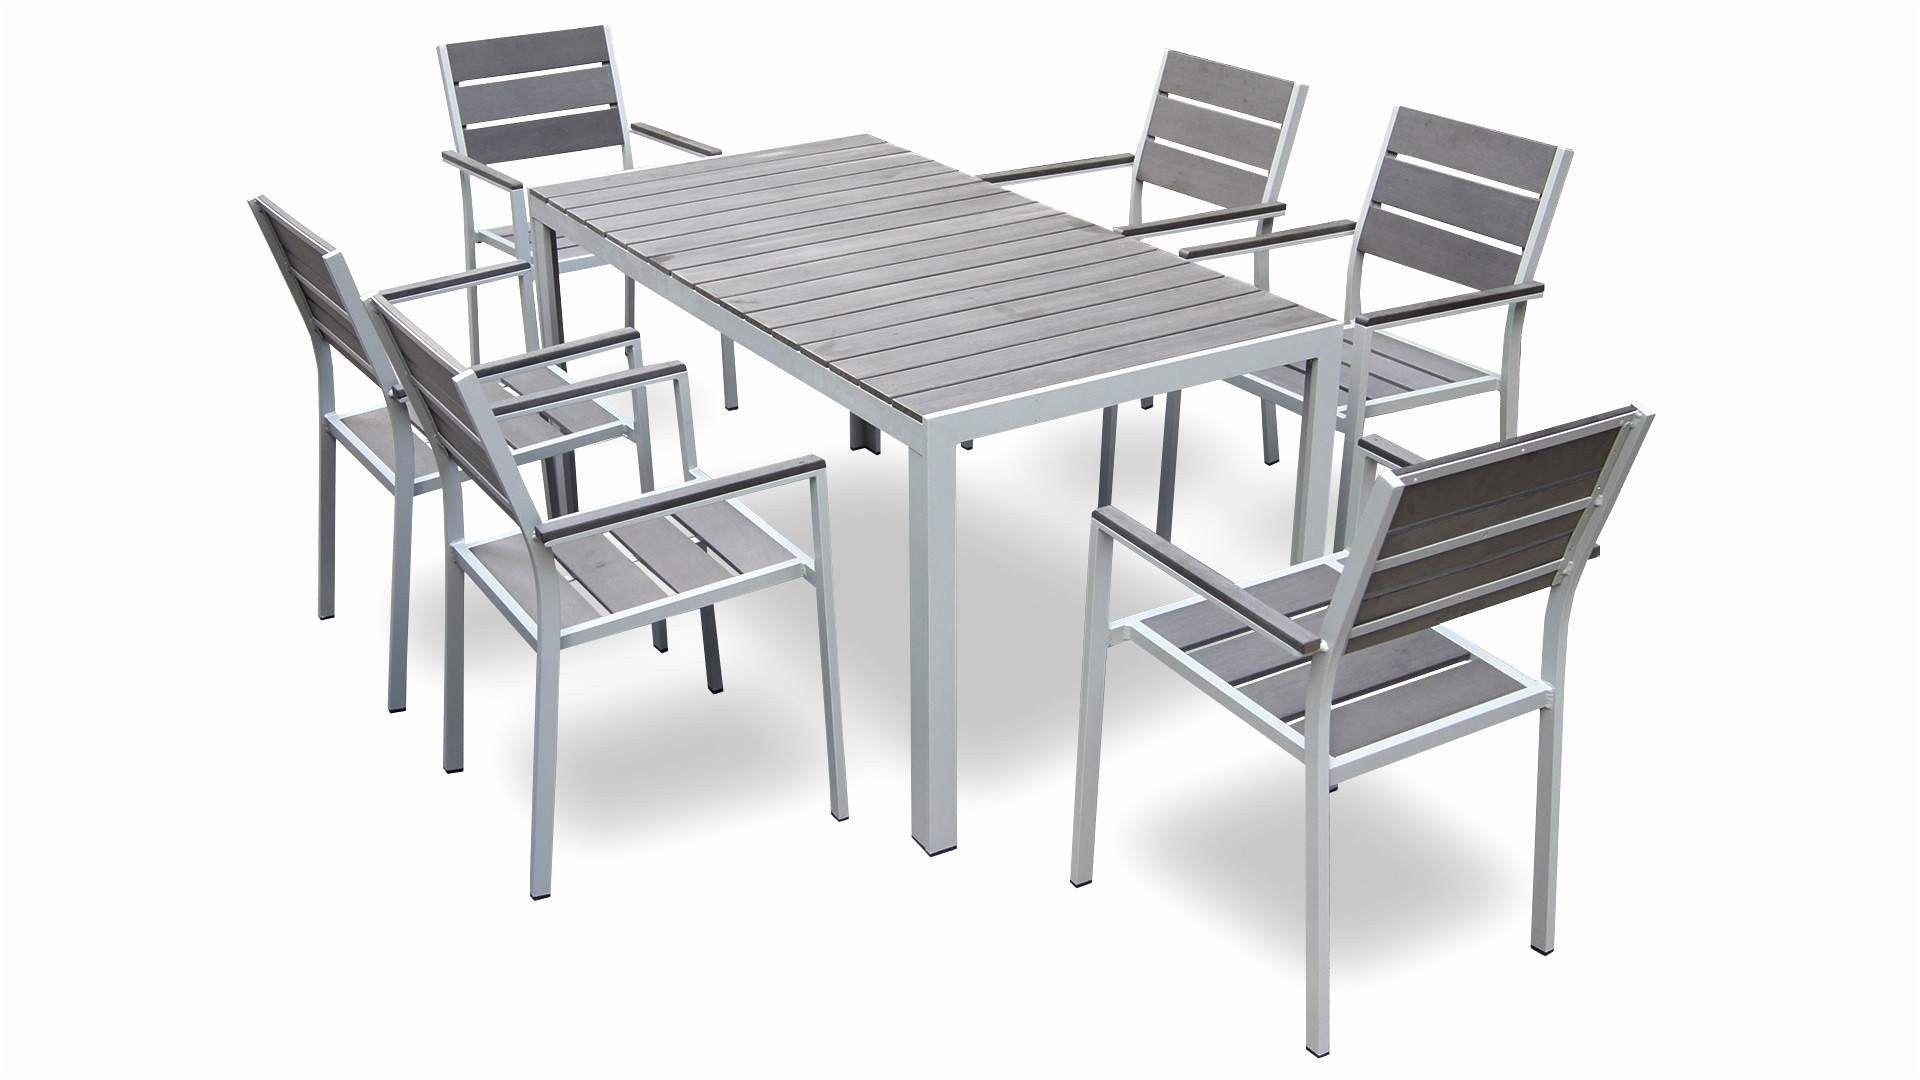 Chaise De Jardin Pas Cher Table Et Chaise Jardin Pas Cher ... concernant Table De Jardin Extensible Pas Cher